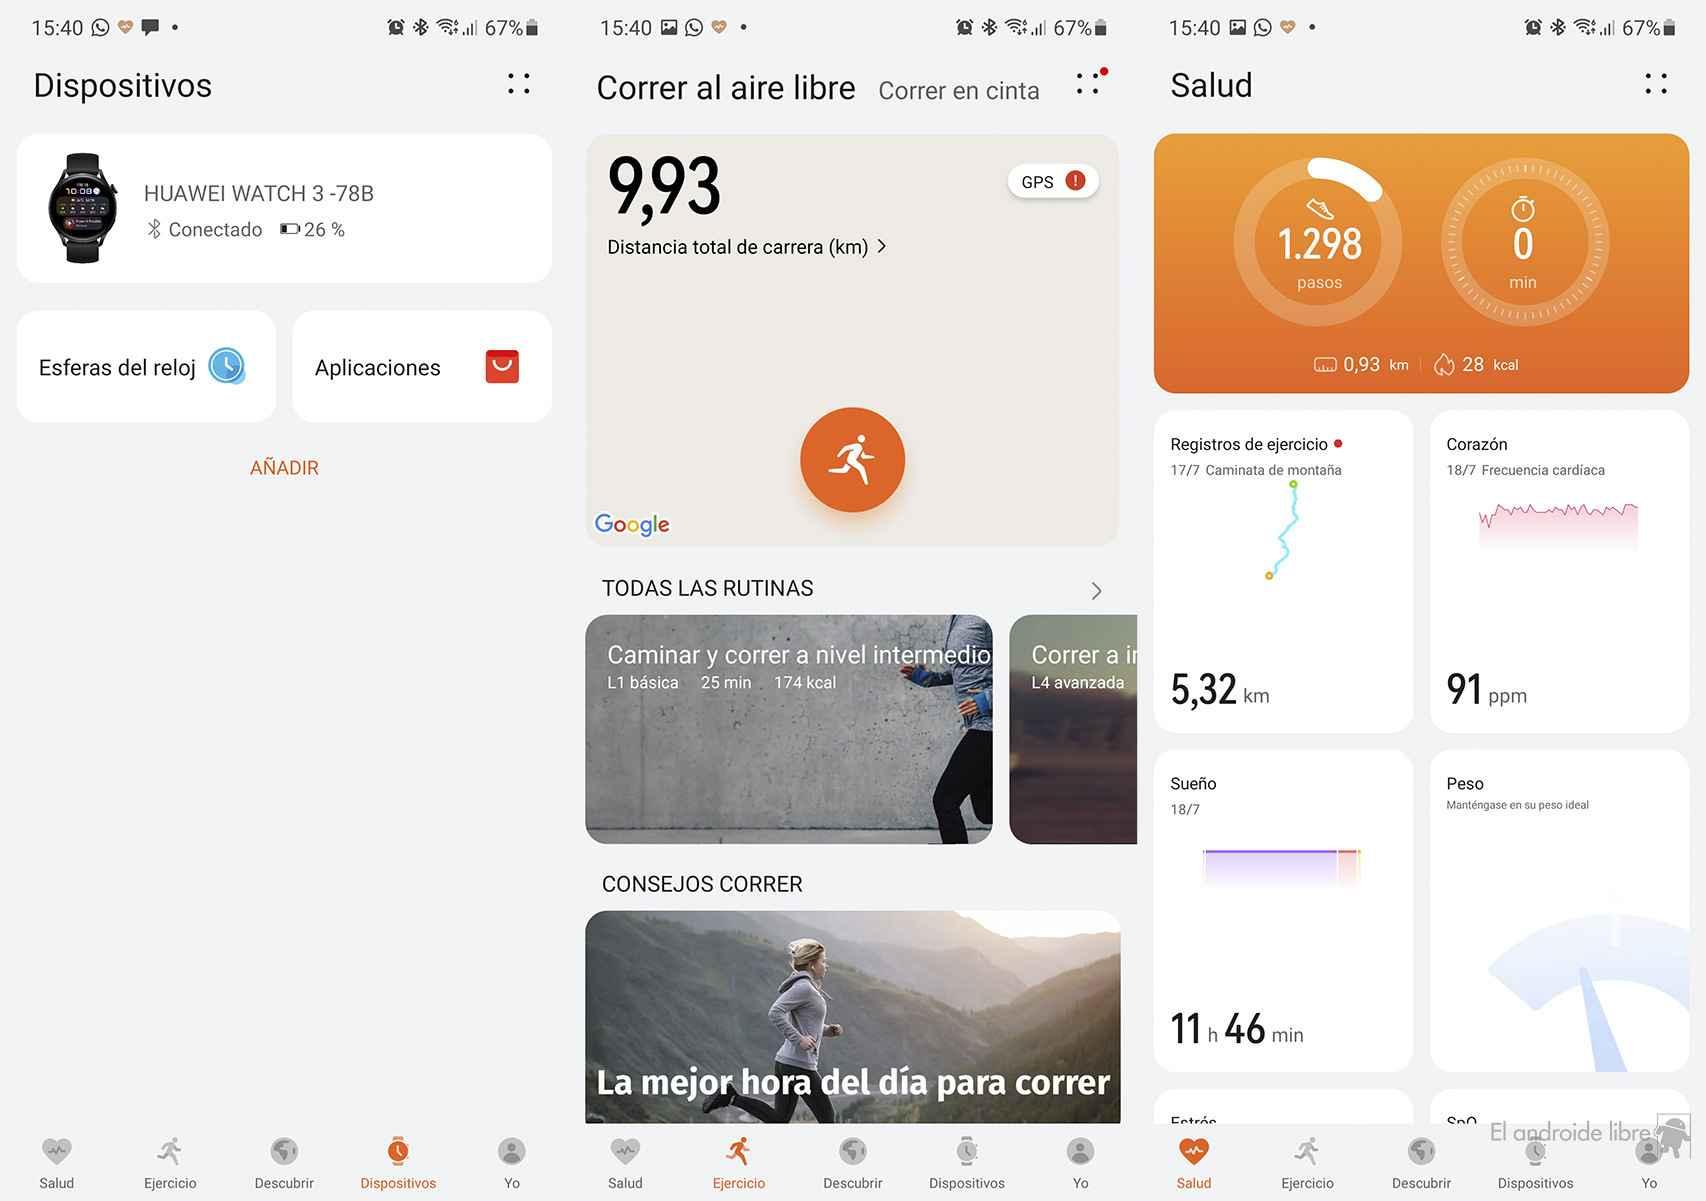 App de Salud de Huawei instalada en el Galaxy Note10+